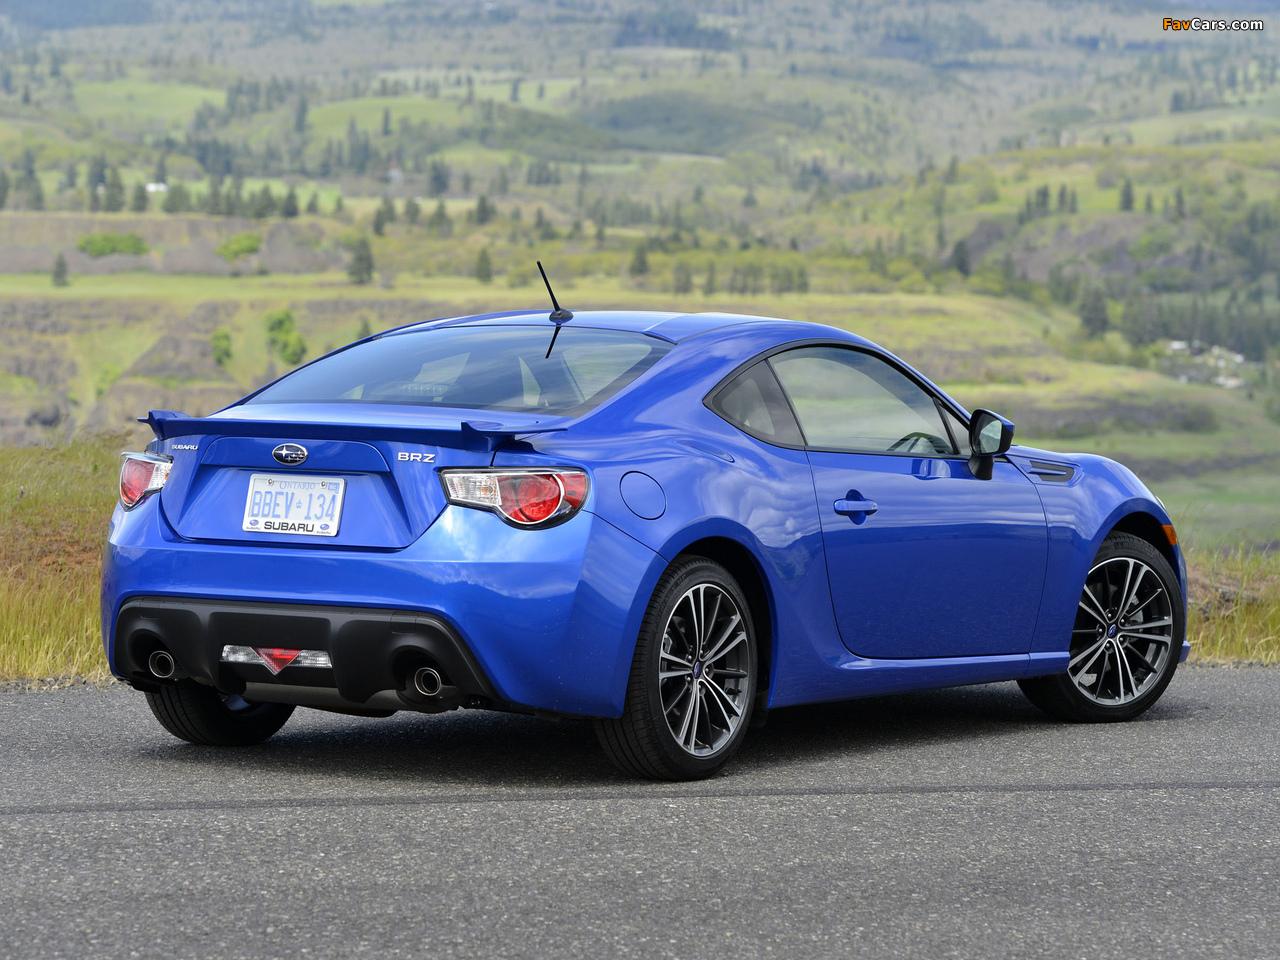 Subaru Brz Us Spec 2012 Images 1280x960